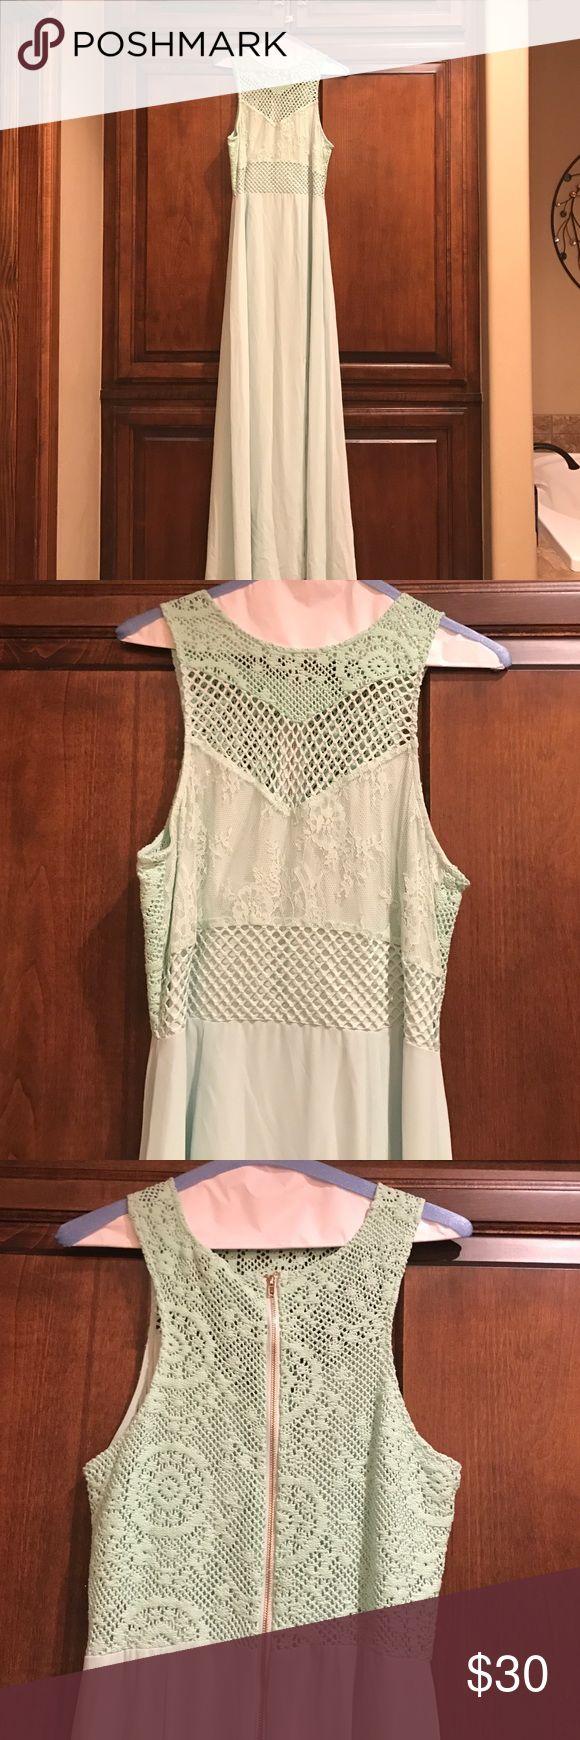 Mint maxi dress Mint maxi dress Gianni Bini Dresses Maxi